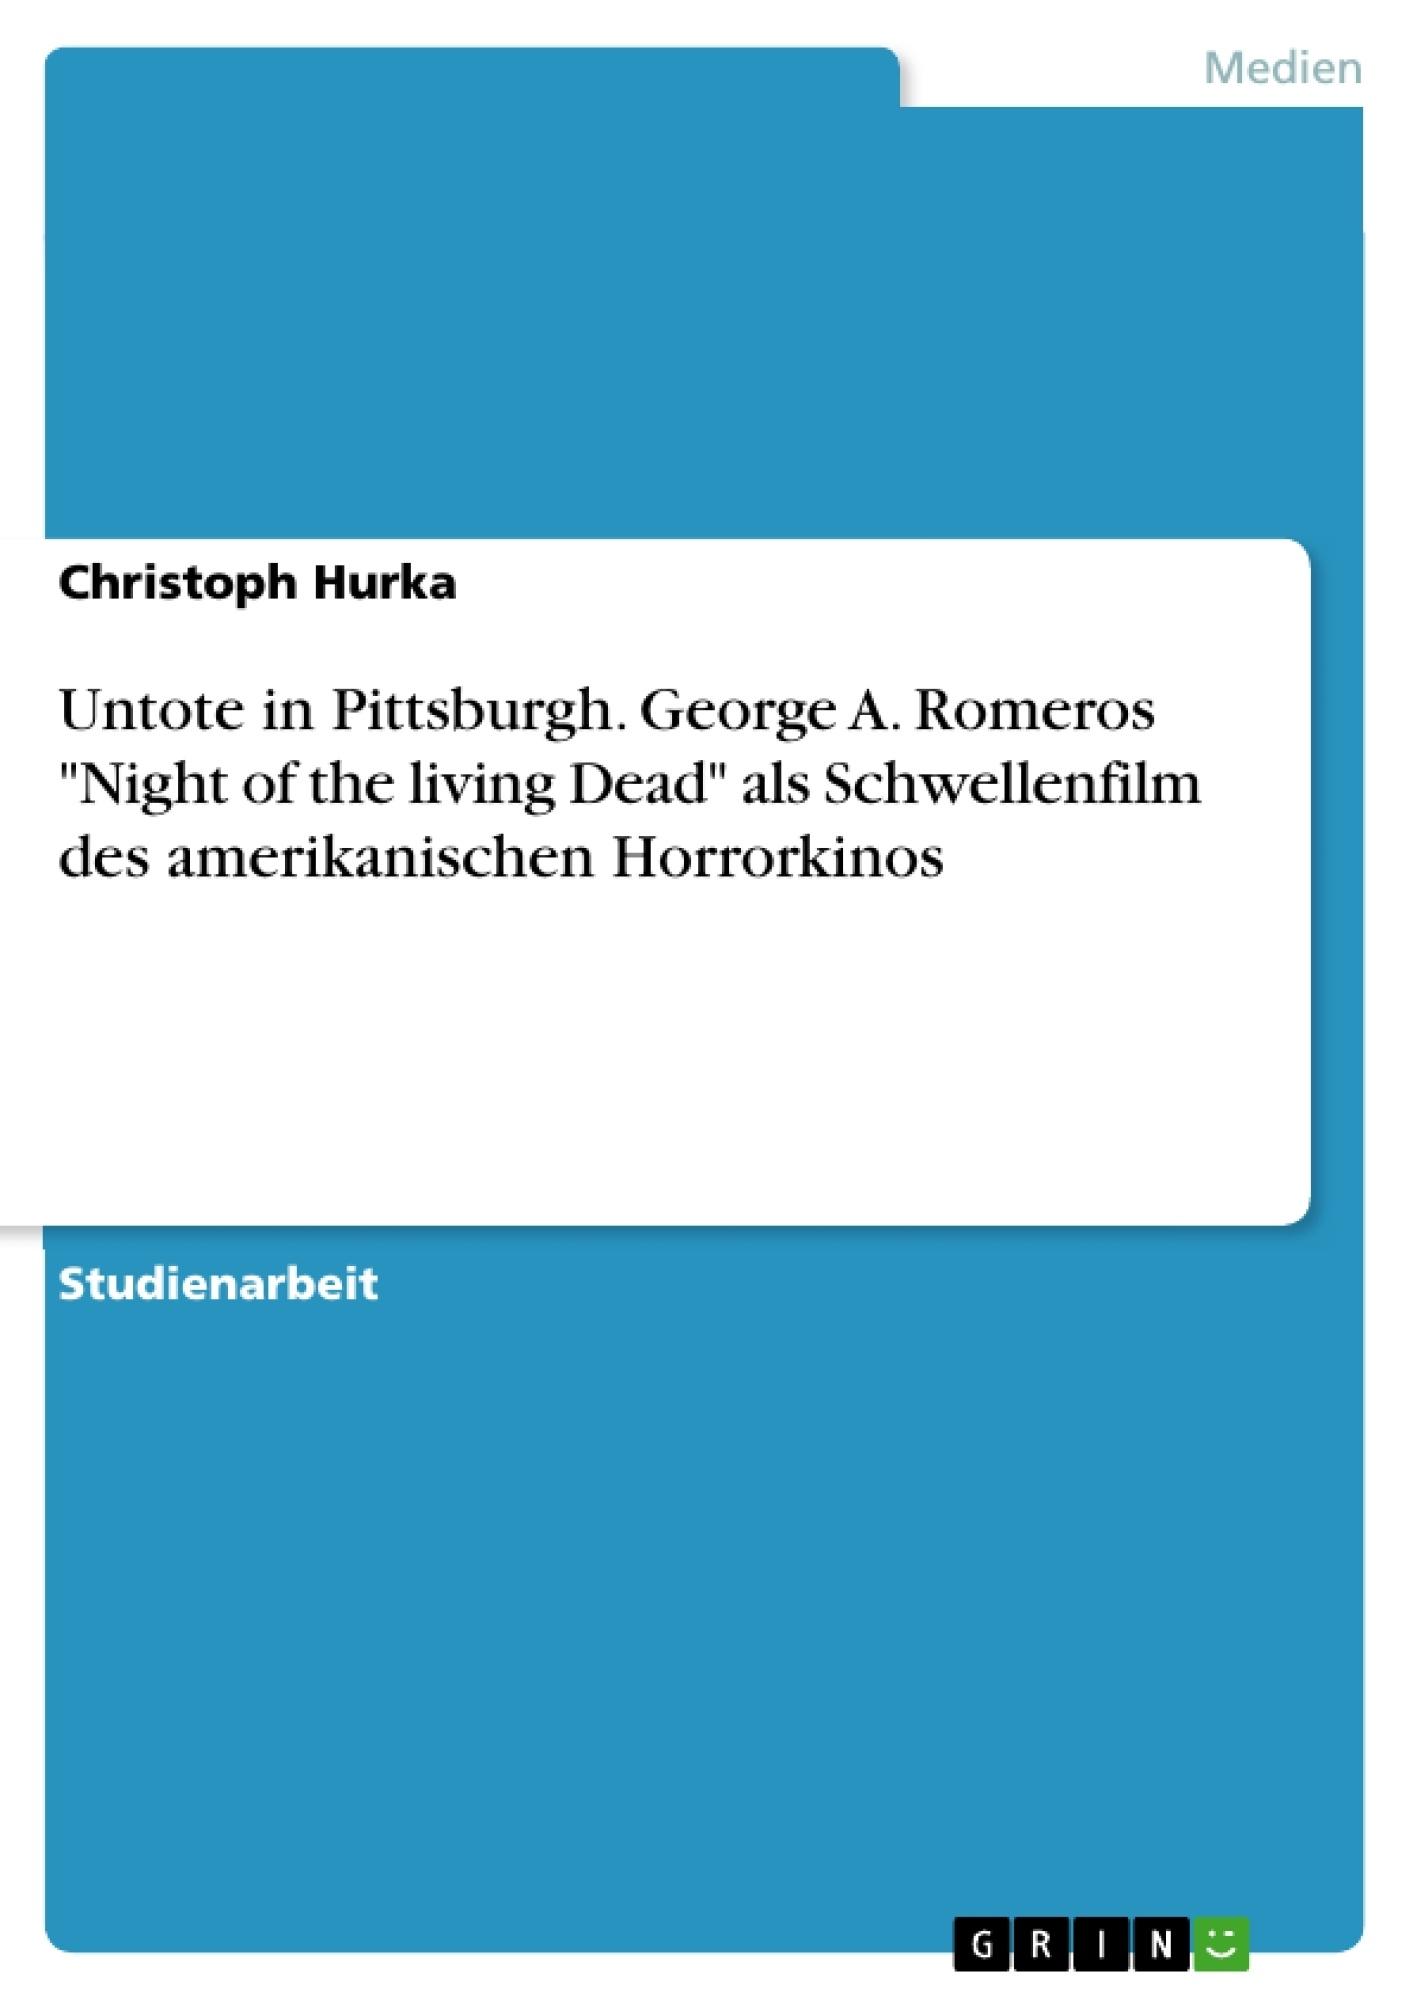 """Titel: Untote in Pittsburgh. George A. Romeros """"Night of the living Dead"""" als Schwellenfilm des amerikanischen Horrorkinos"""